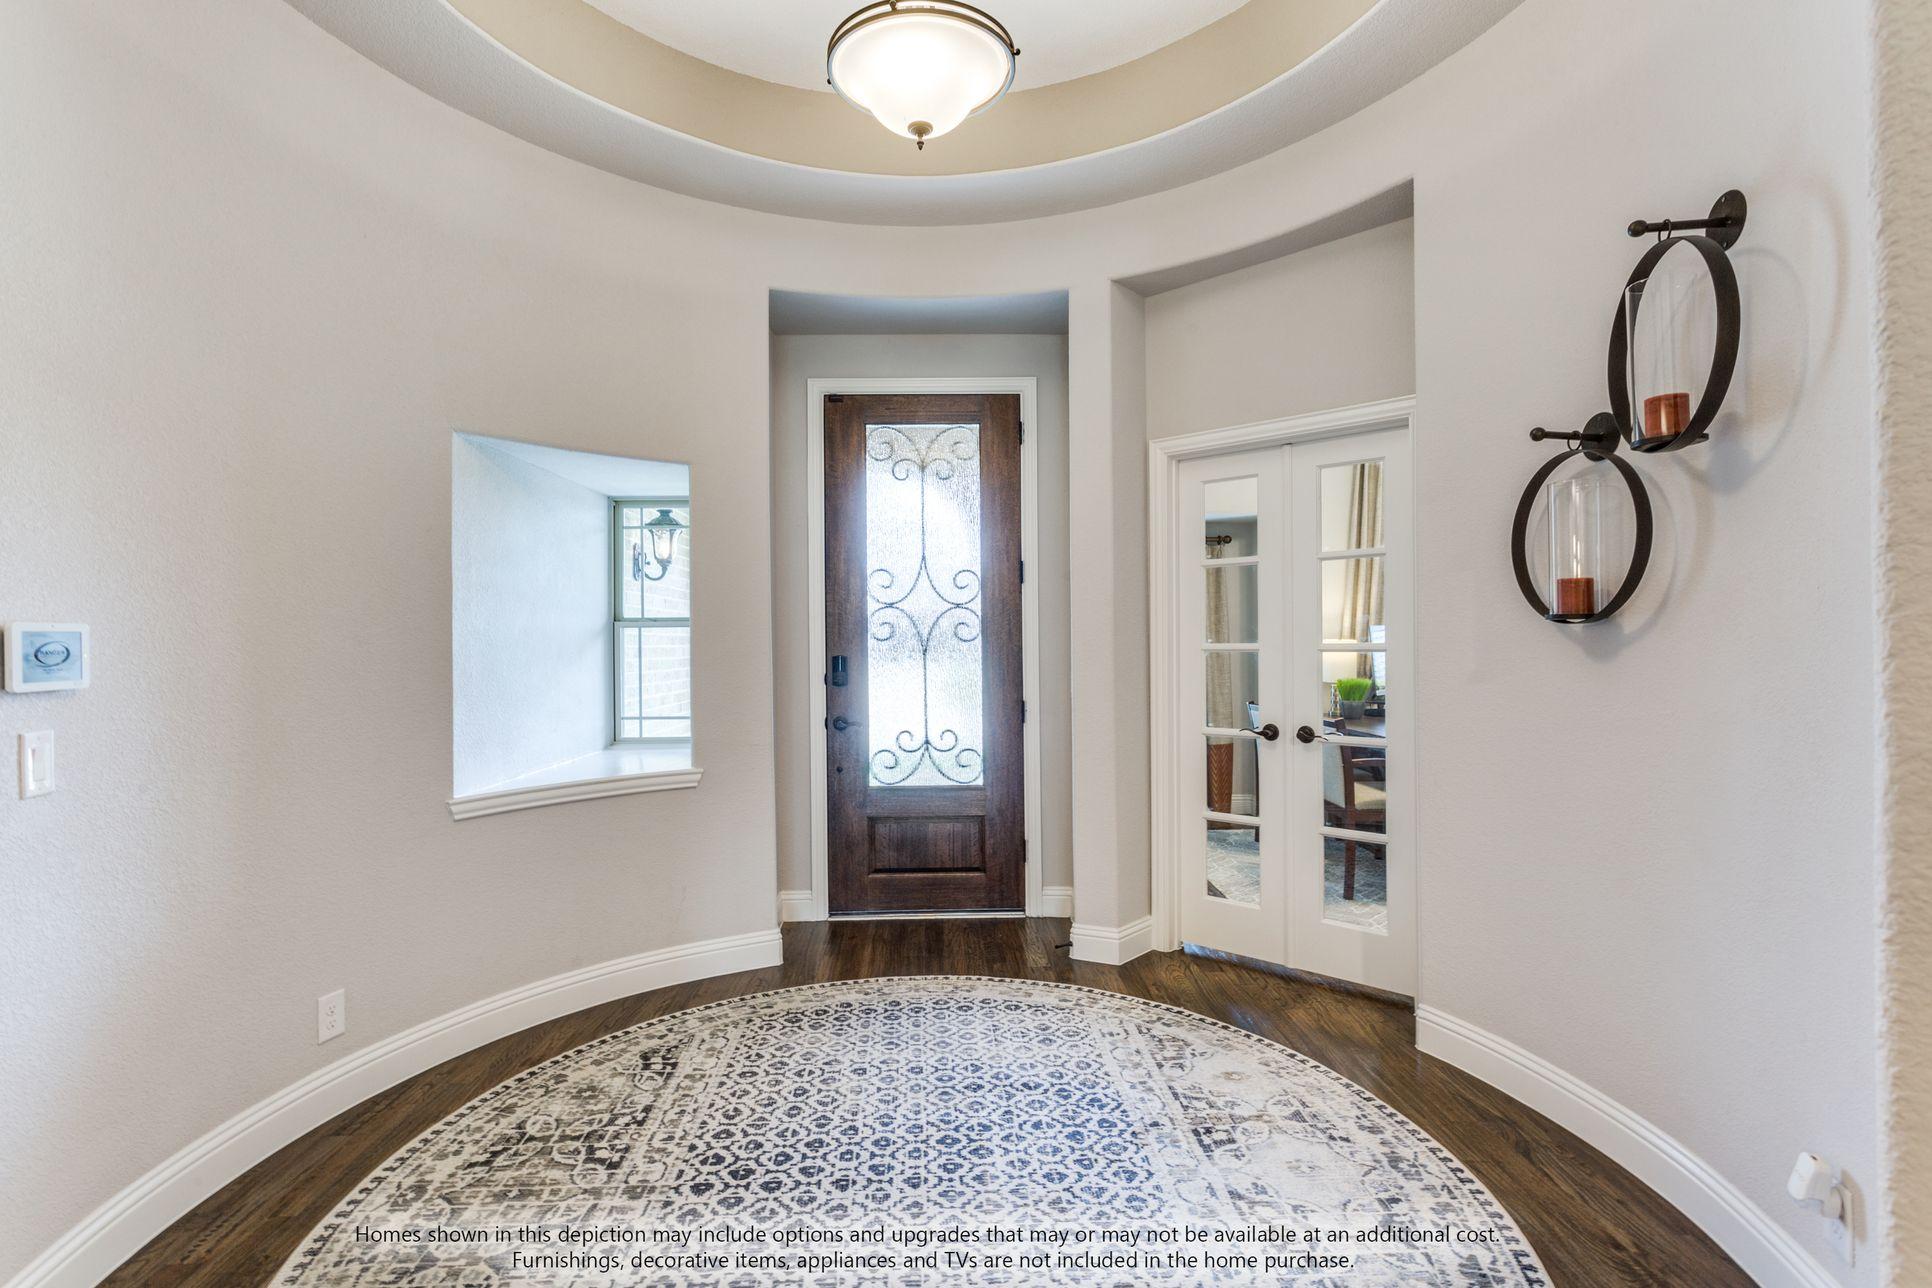 Foyer:Carolina IV Foyer